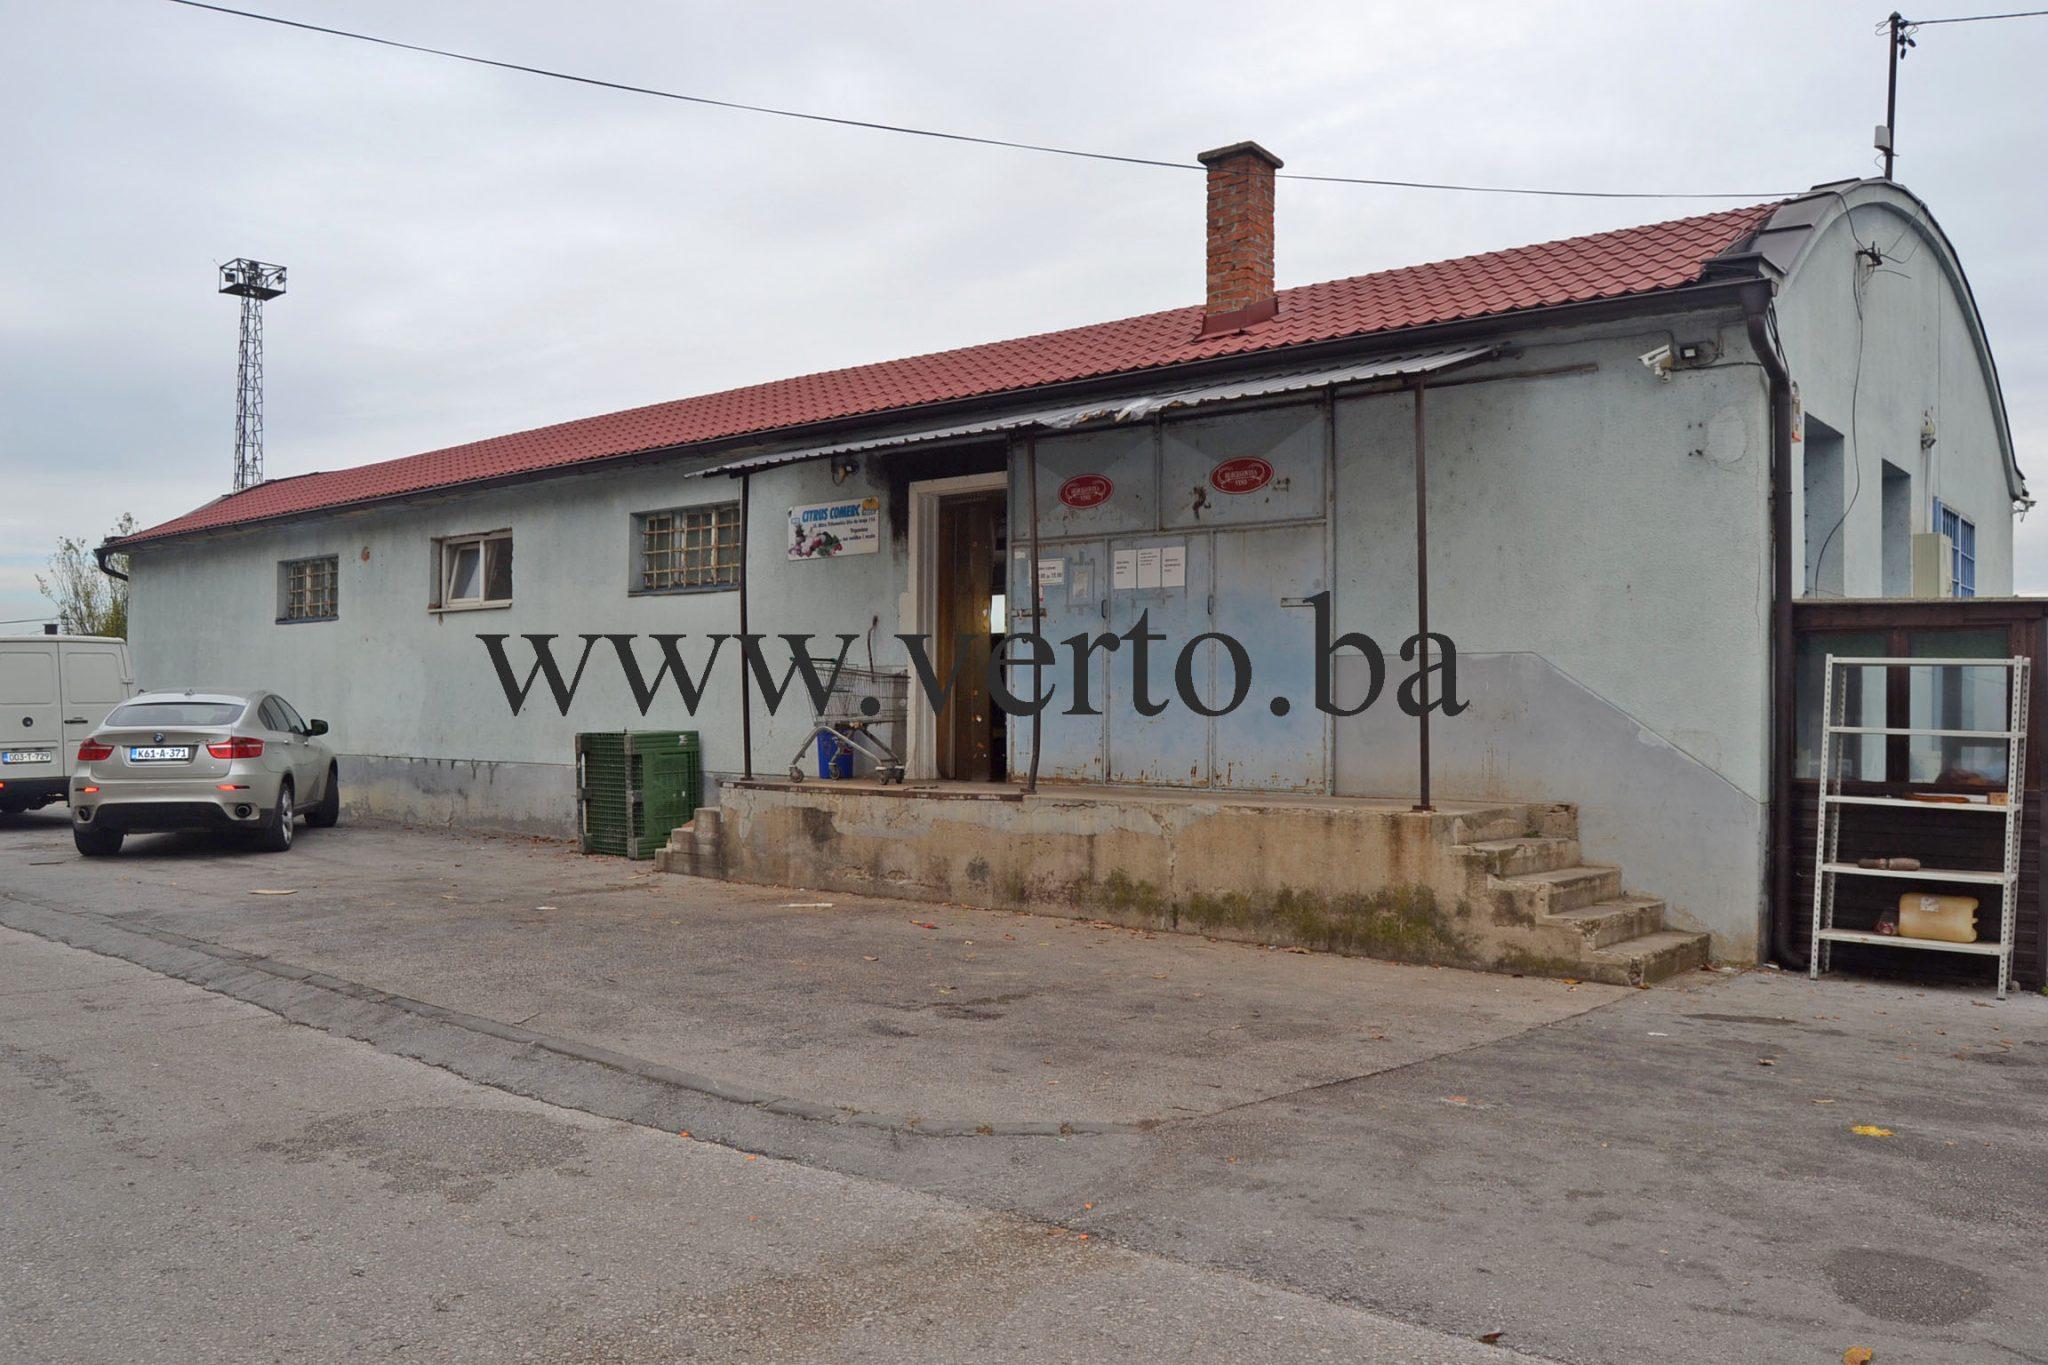 Hala povrsine 250 m2, Miladije, Tuzla